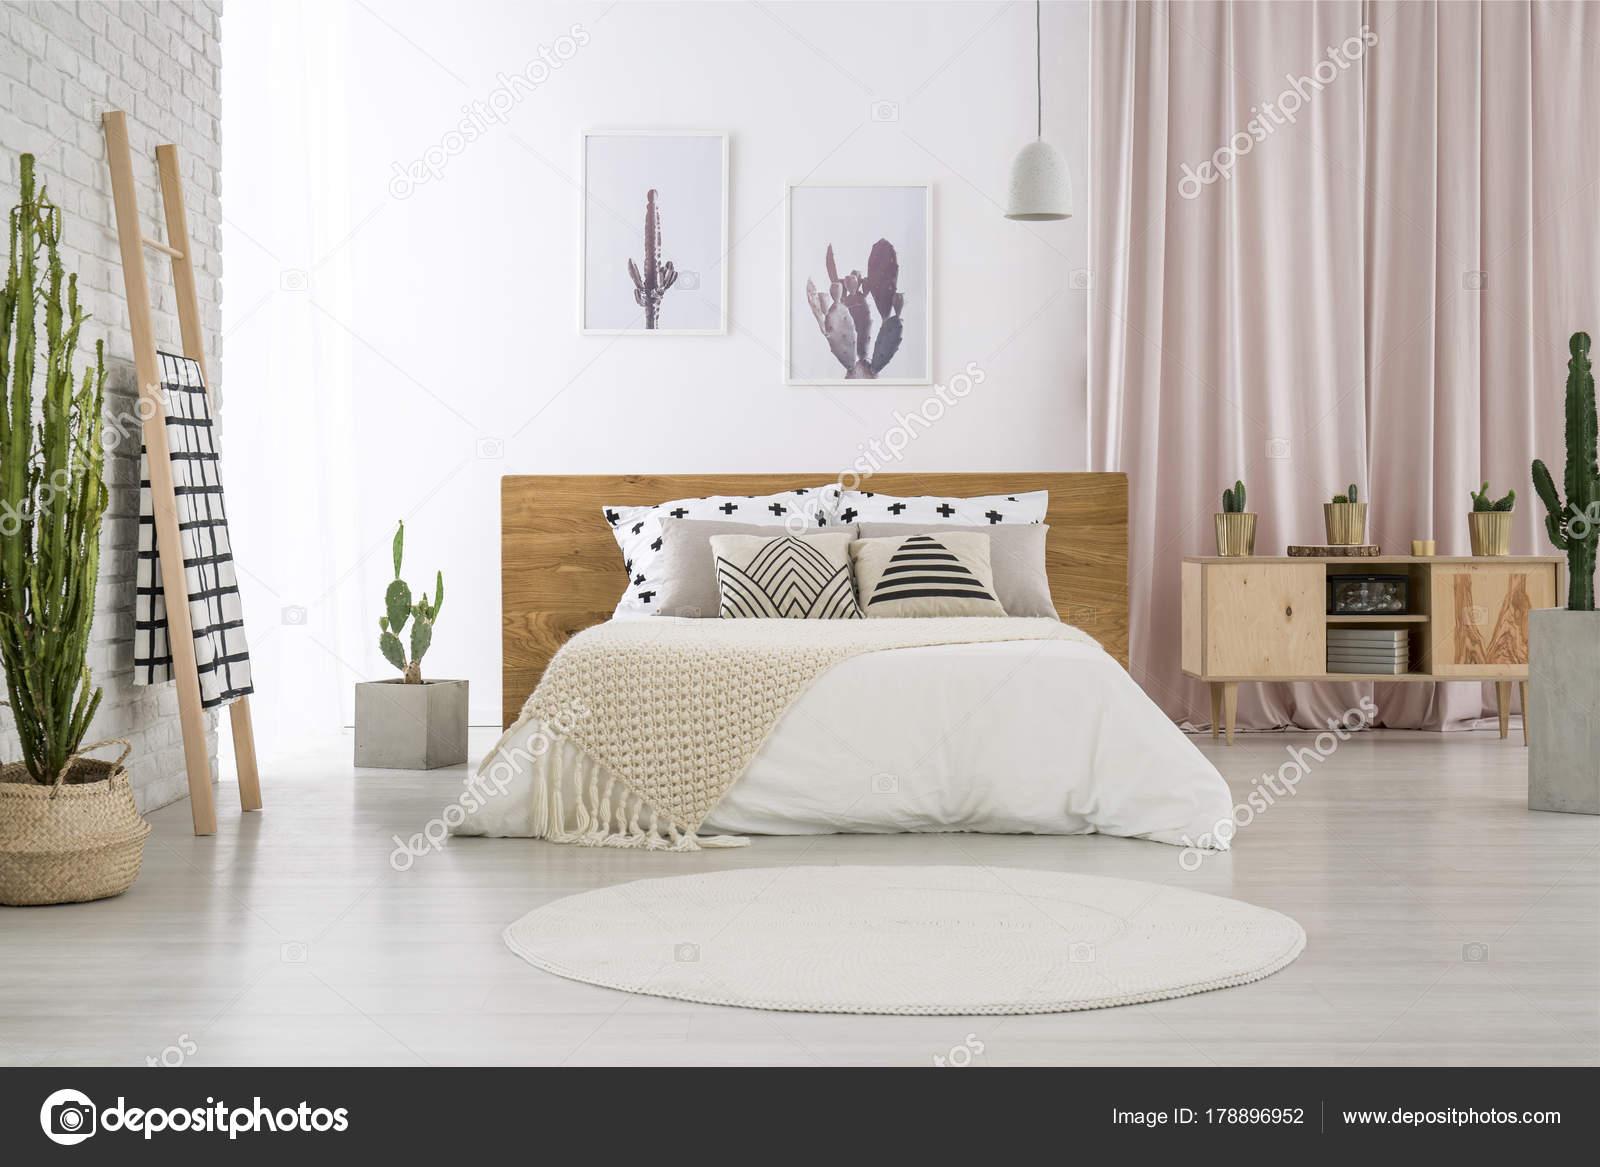 Lichte slaapkamer met cactus motief — Stockfoto © photographee.eu ...